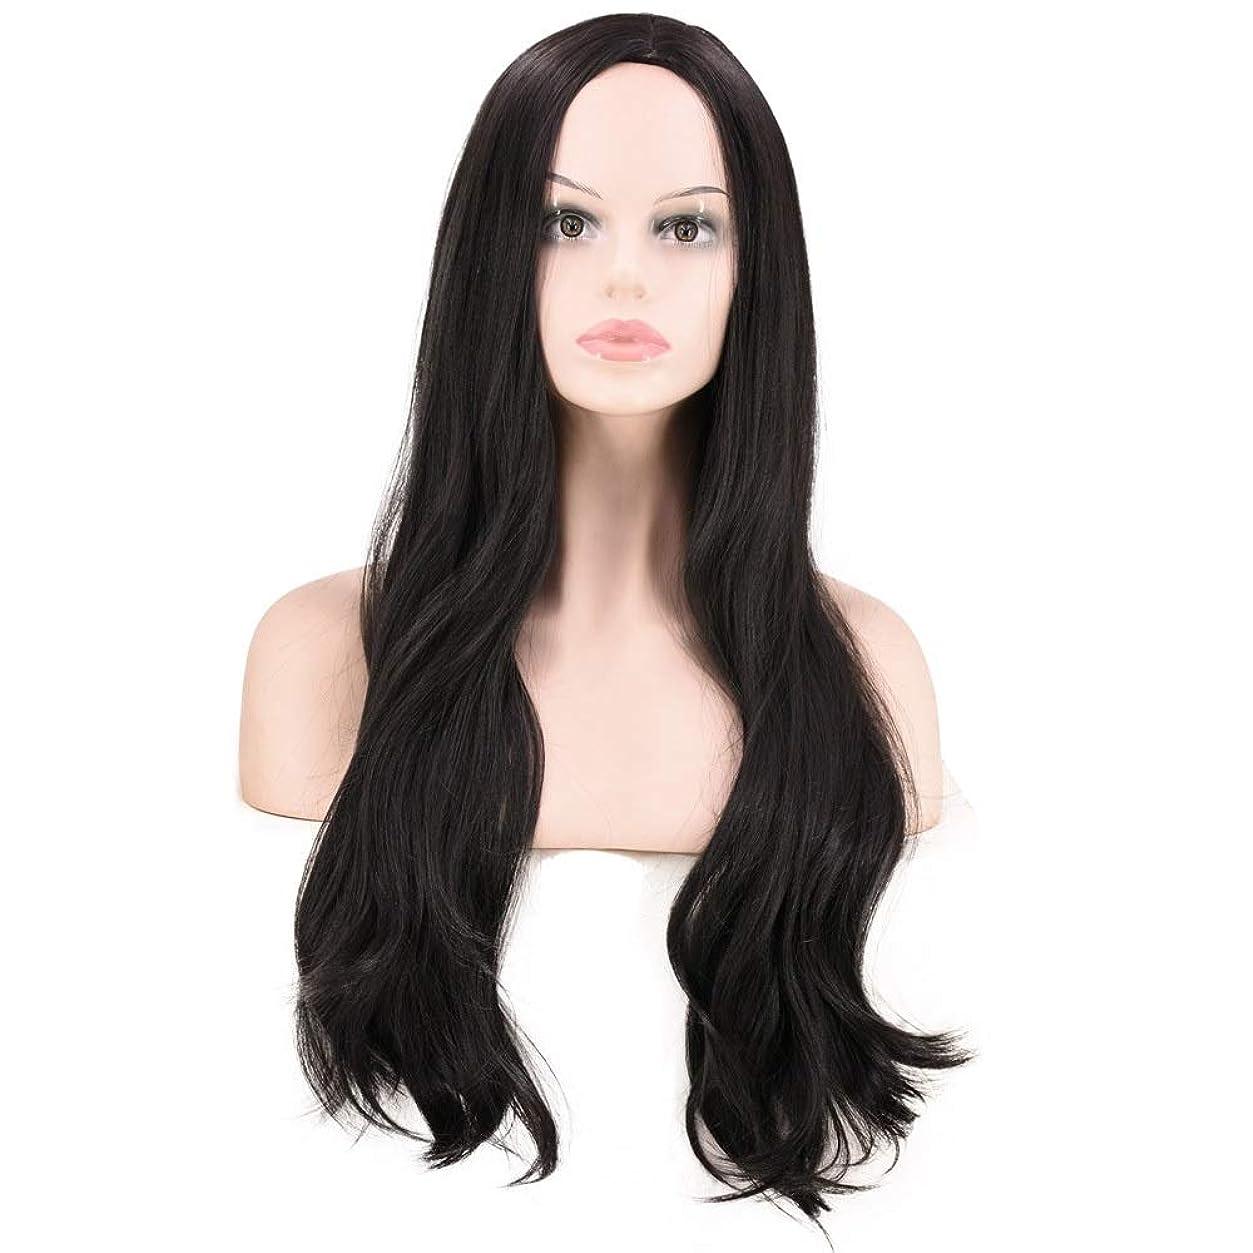 デコラティブレコーダー安定Yrattary 女性のための自然に見える黒の長い巻き毛のかつら耐熱性繊維複合毛レースのかつらロールプレイングかつら (色 : 黒)